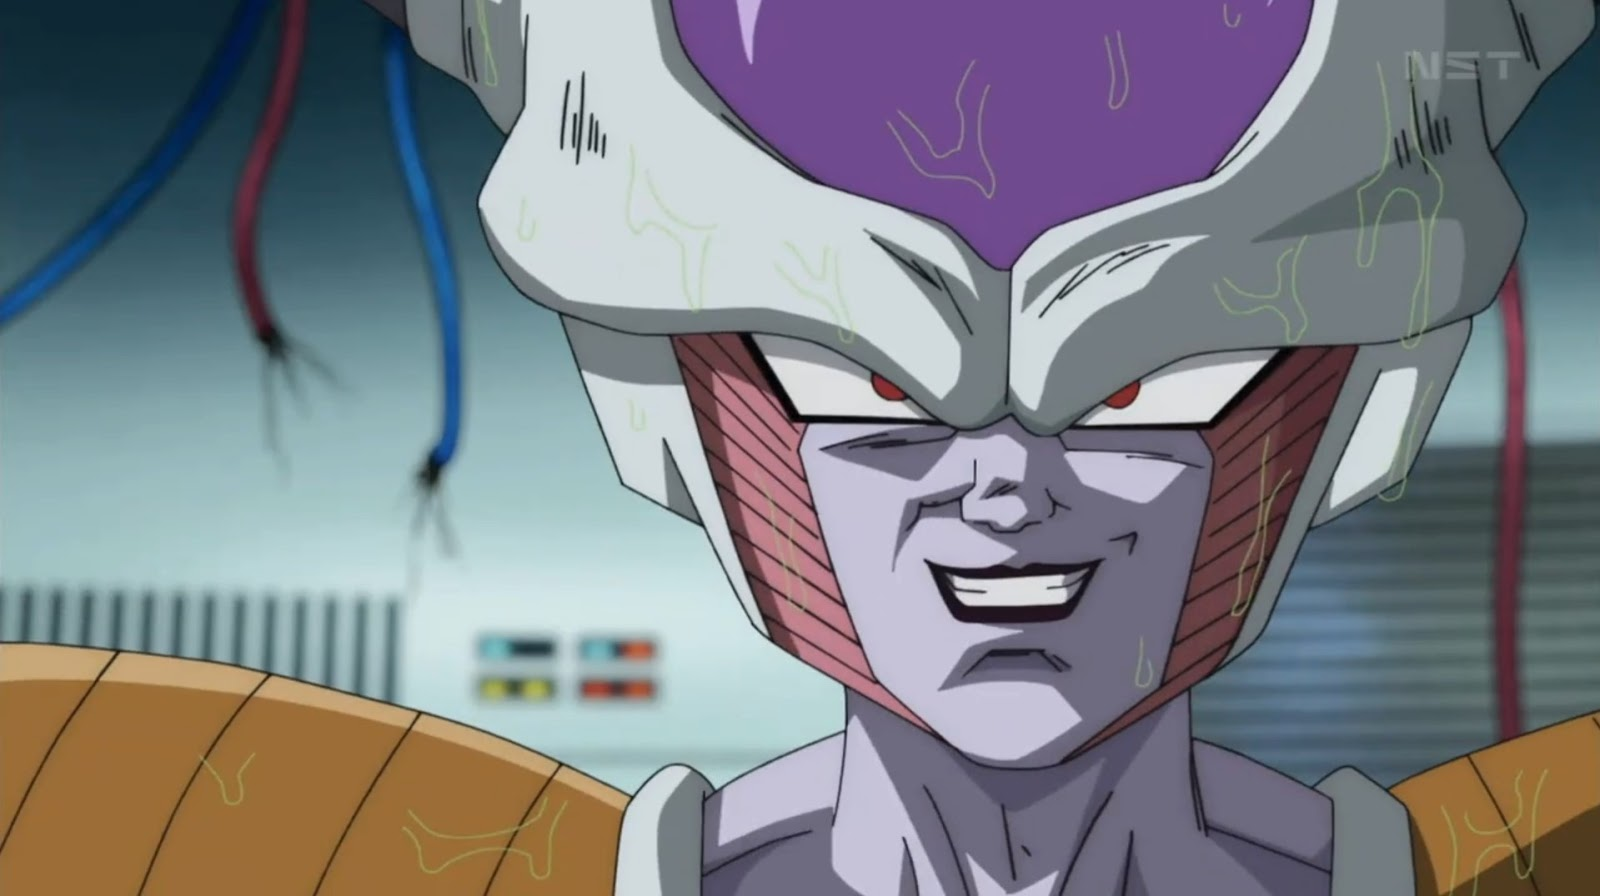 Dragon Ball Super: Episódio 19 – O Desespero se repete! A Ressurreição do Imperador do Mal Freeza!